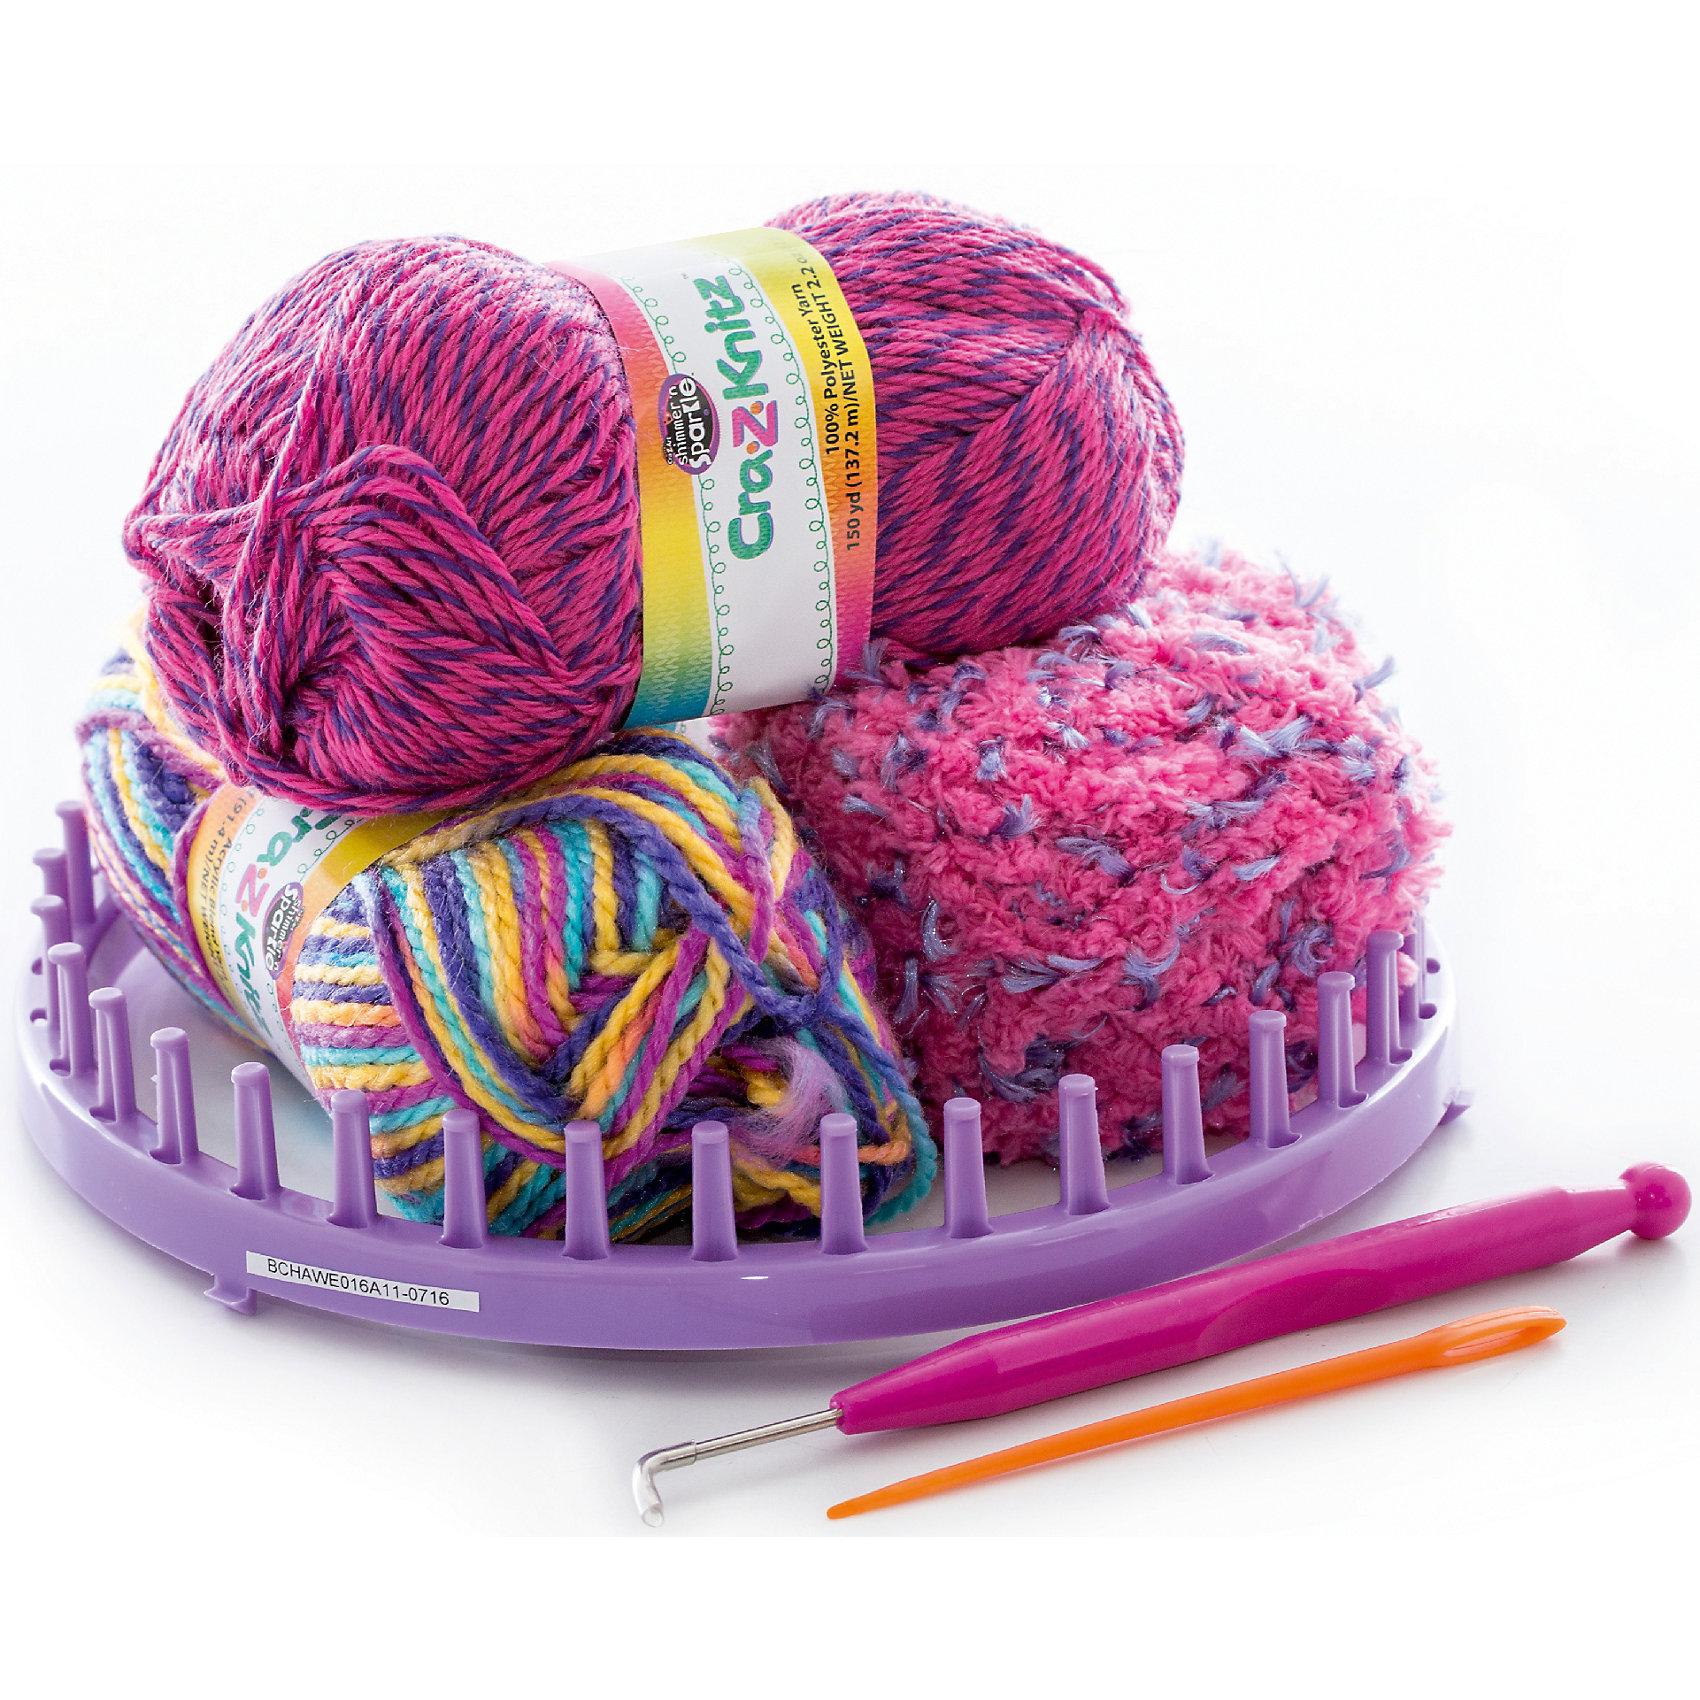 Пряжа для вязания Италия купить в Барнауле, цена 150 руб 10